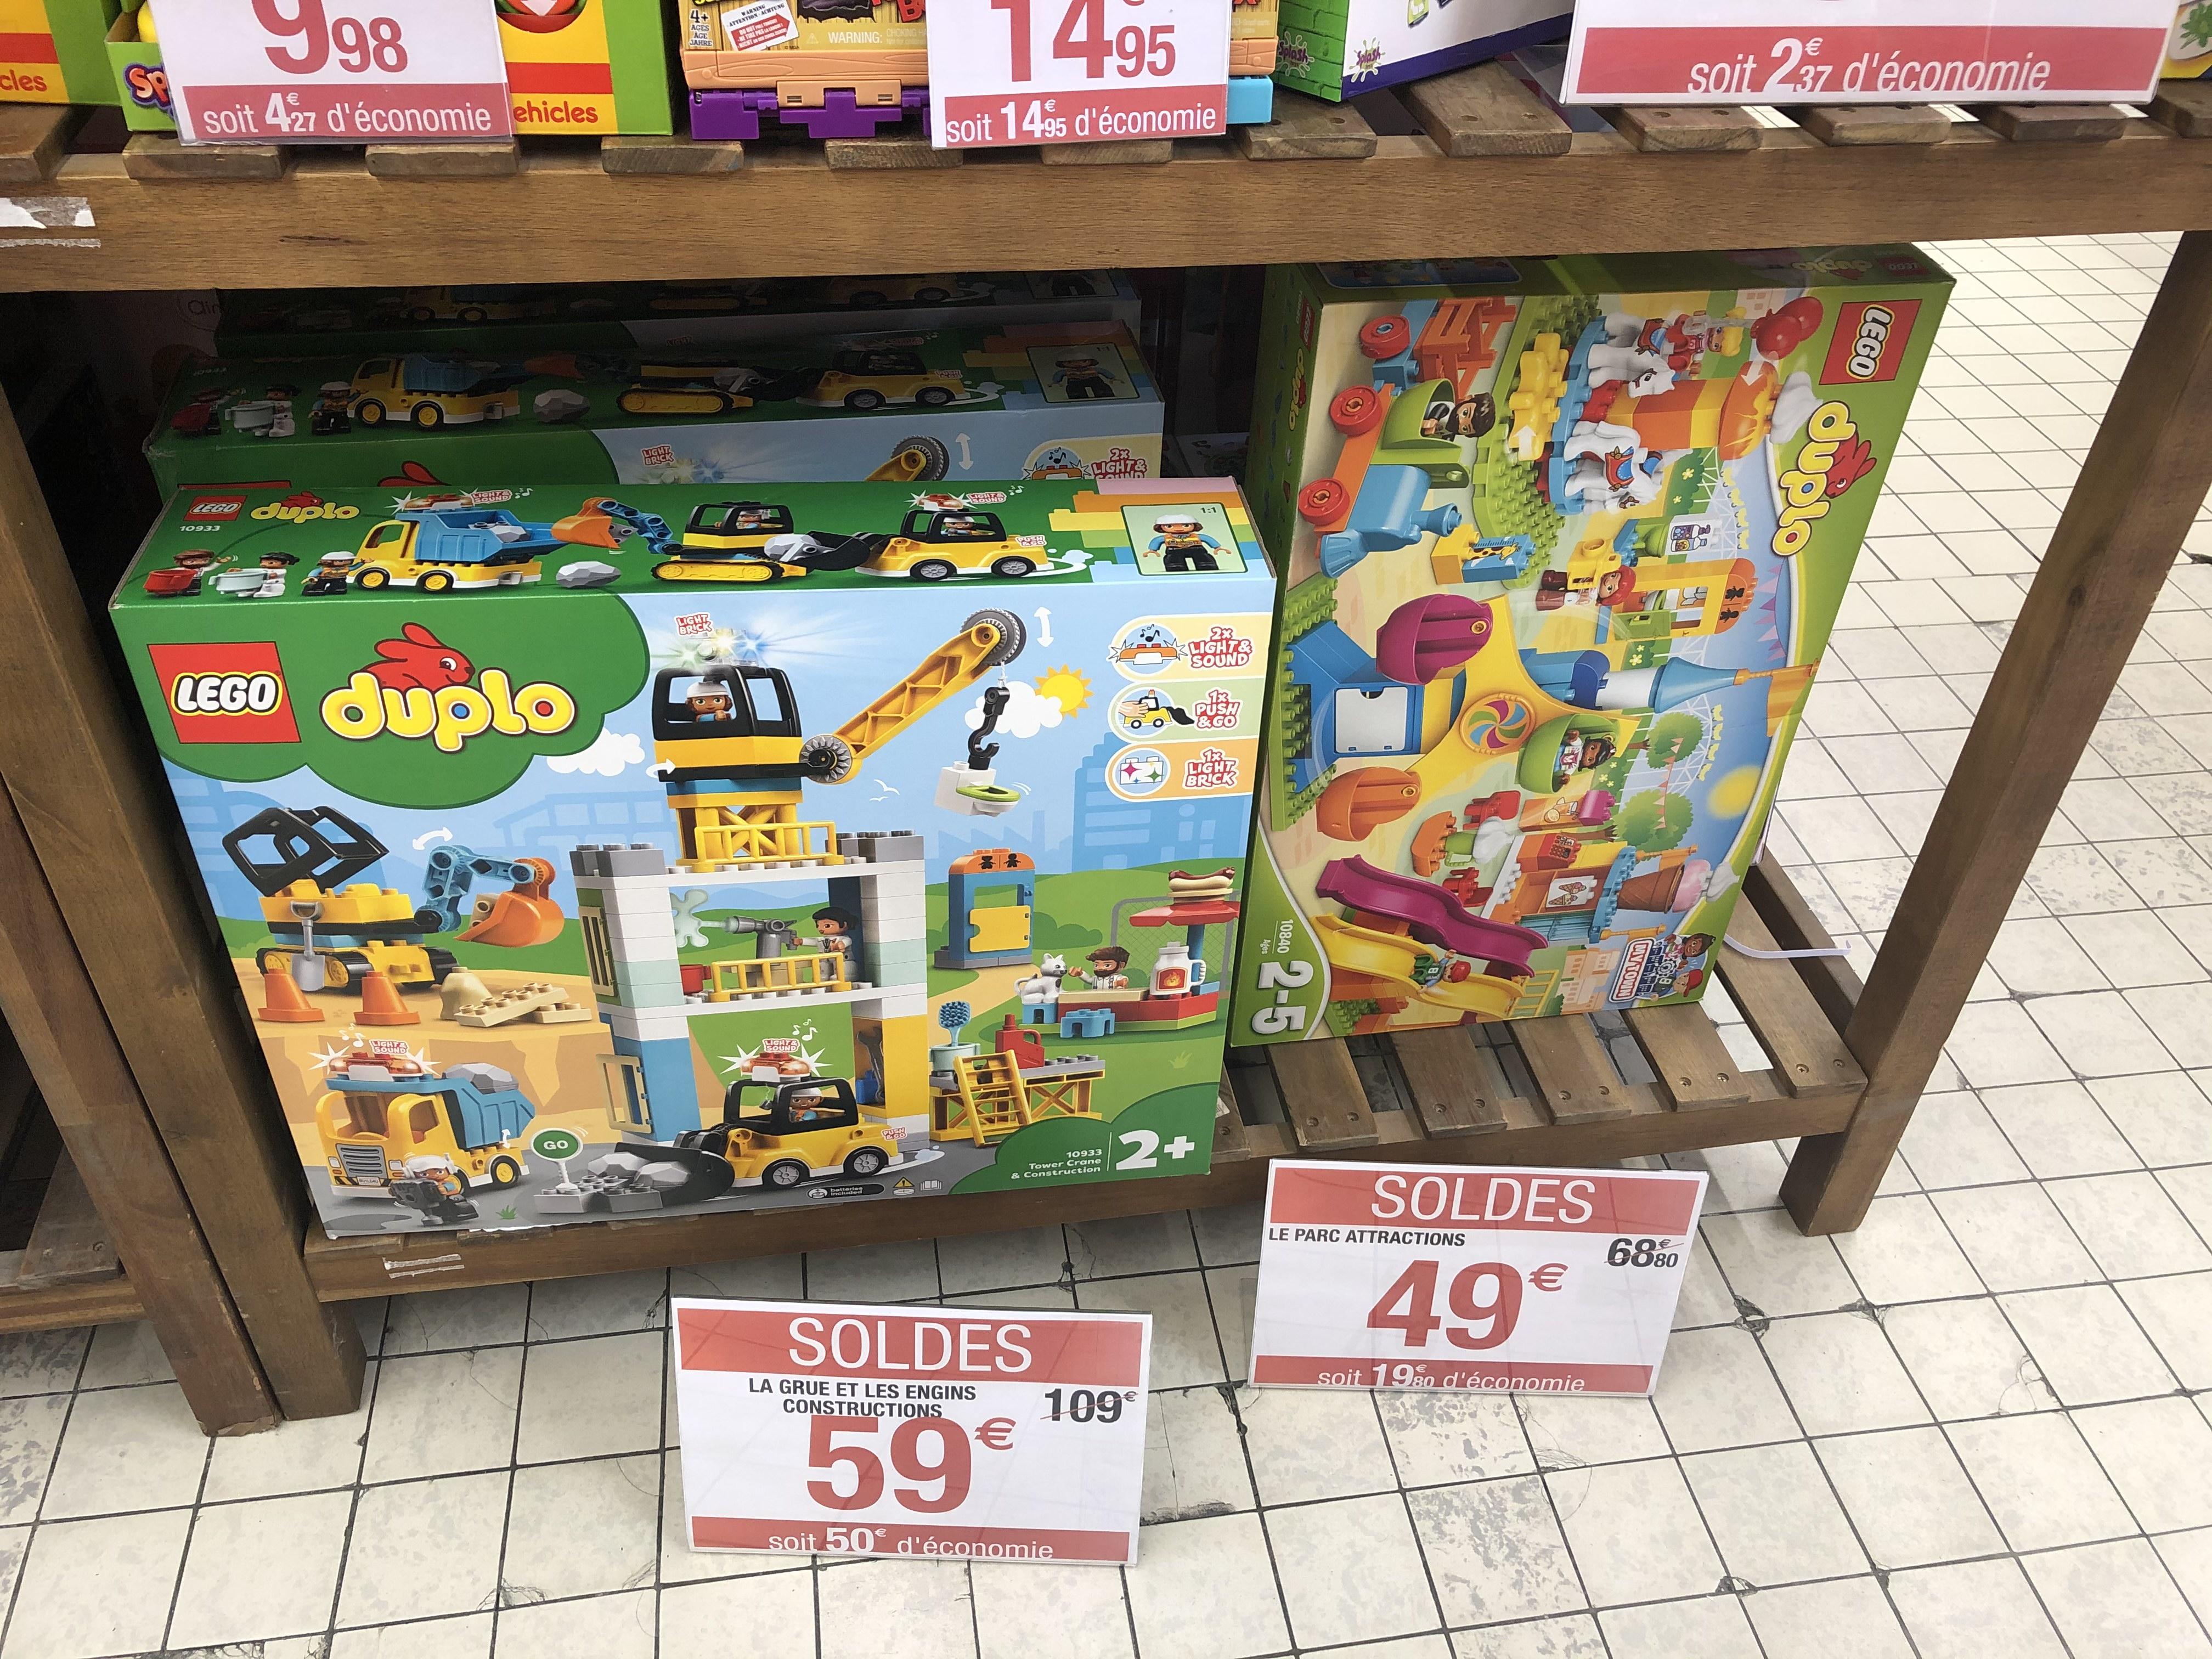 Sélection de jouets Lego Duplo en promotion (Ex: La Grue et Les engins de Construction) - Merignac (33)